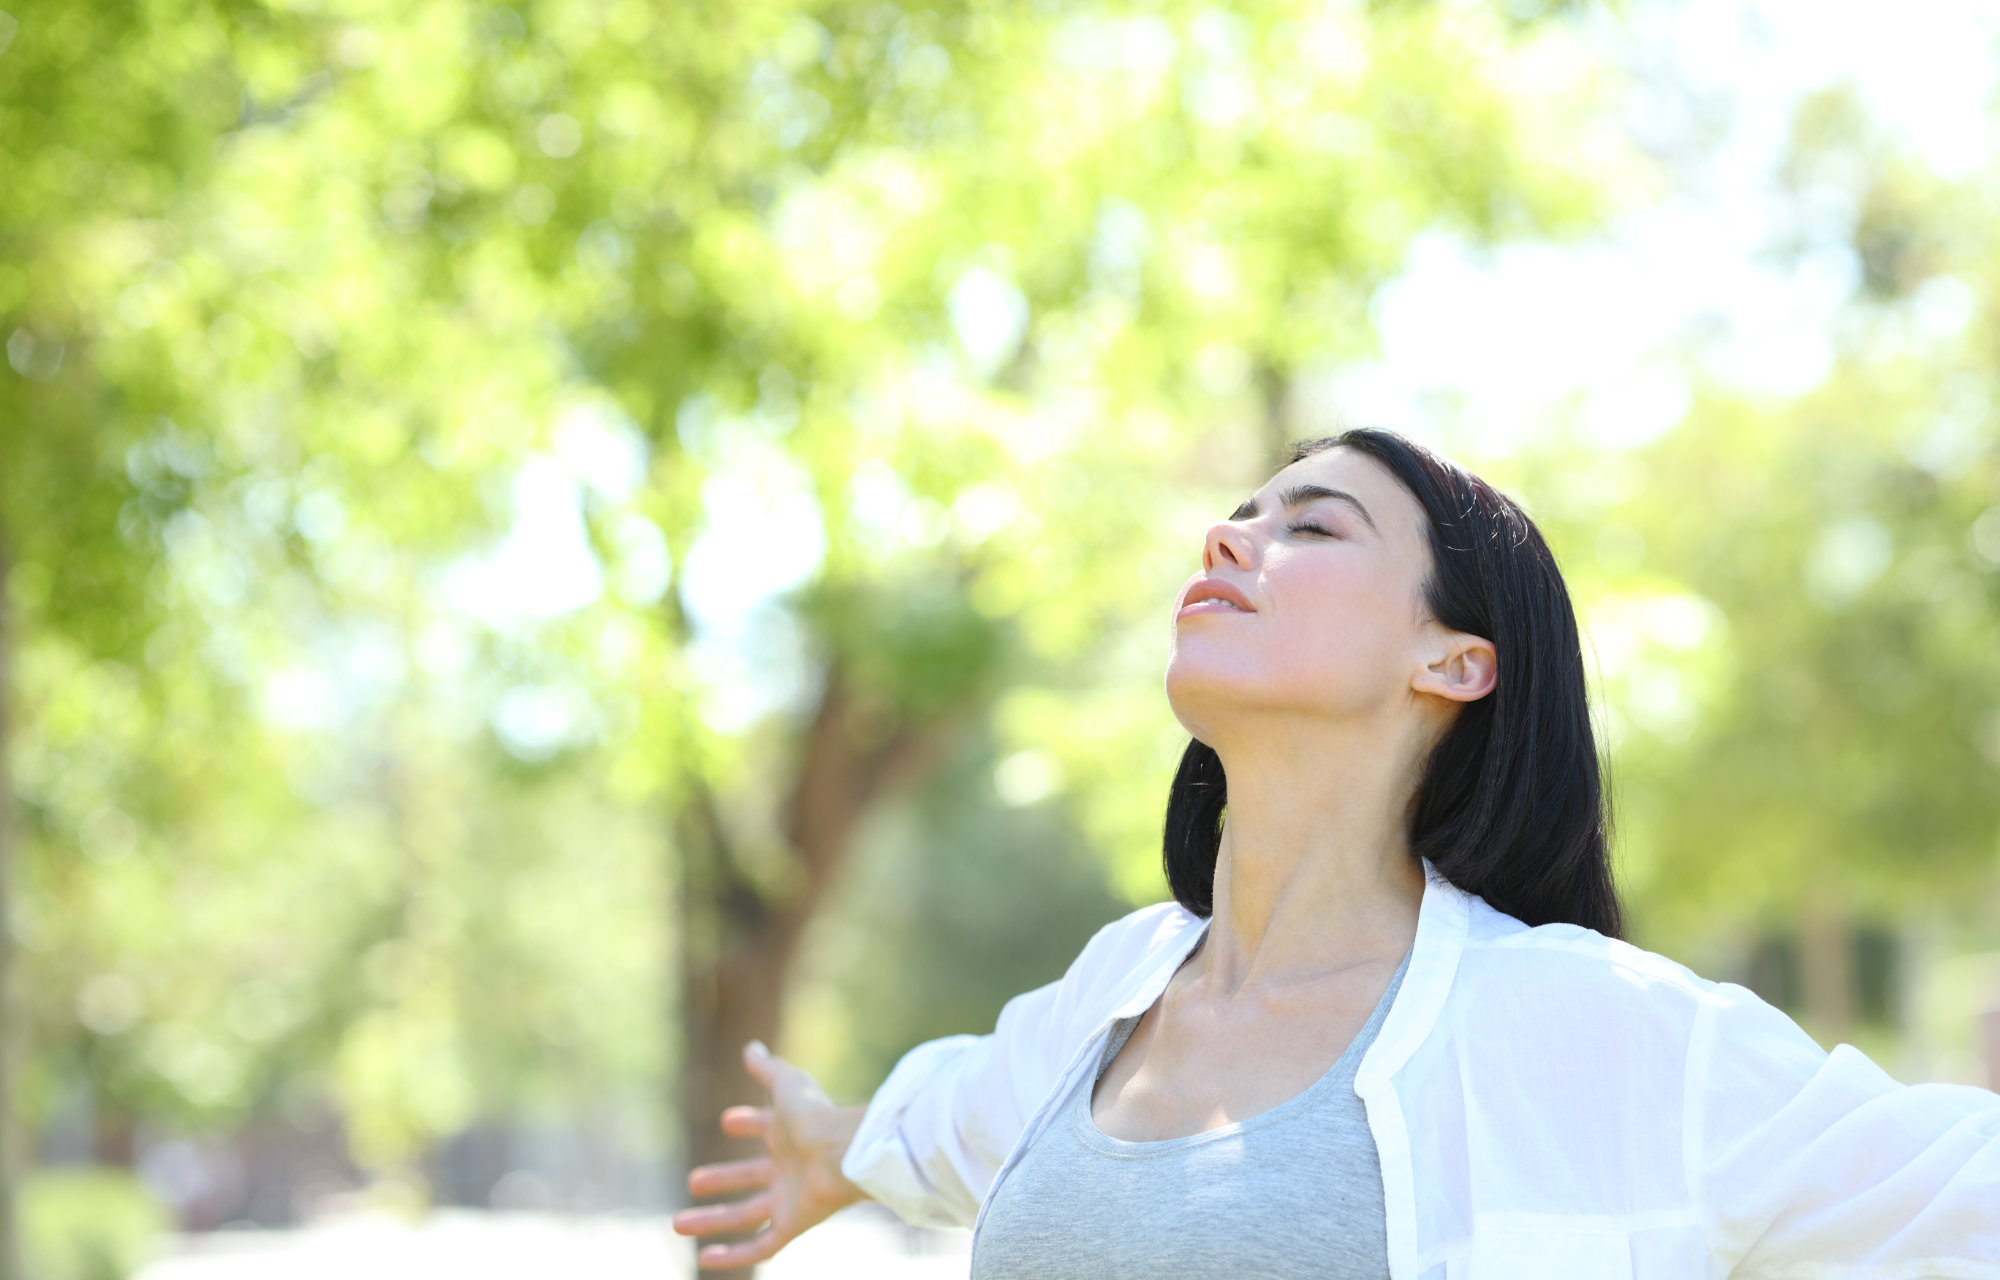 Frischluftservice - Atmen Sie durch!